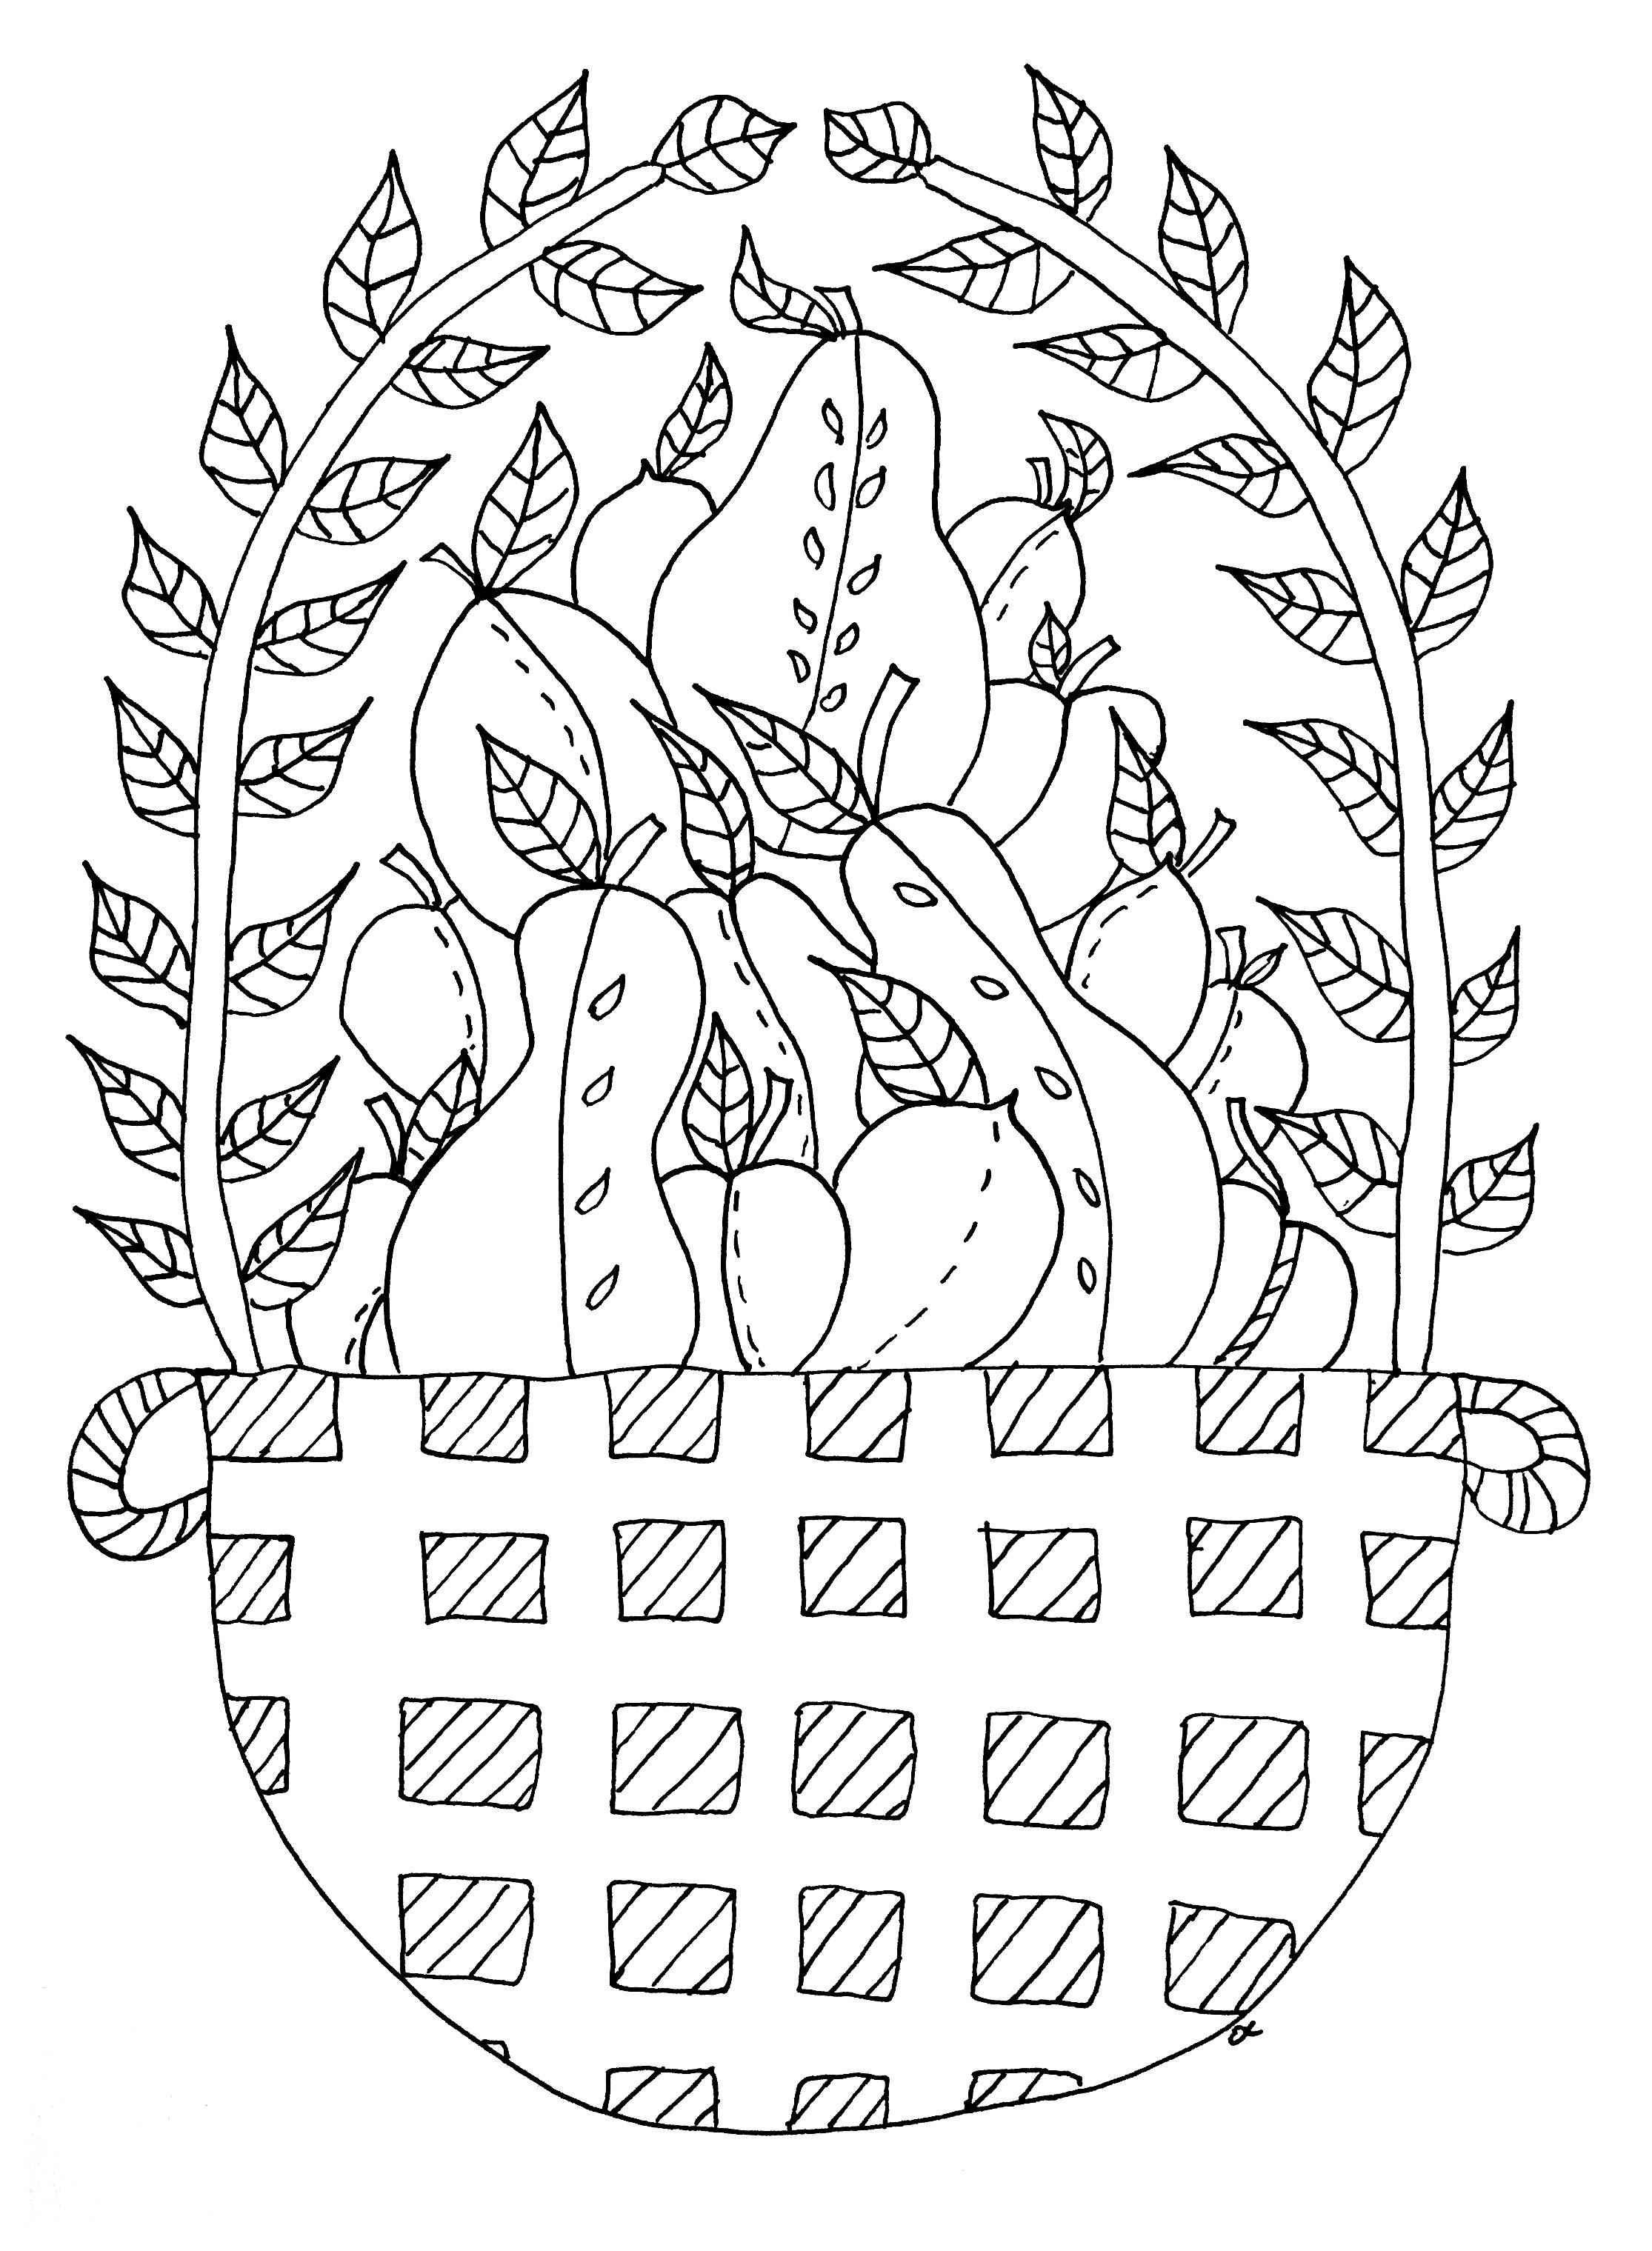 Disegni da colorare per adulti : Fiori e vegetazione - 47